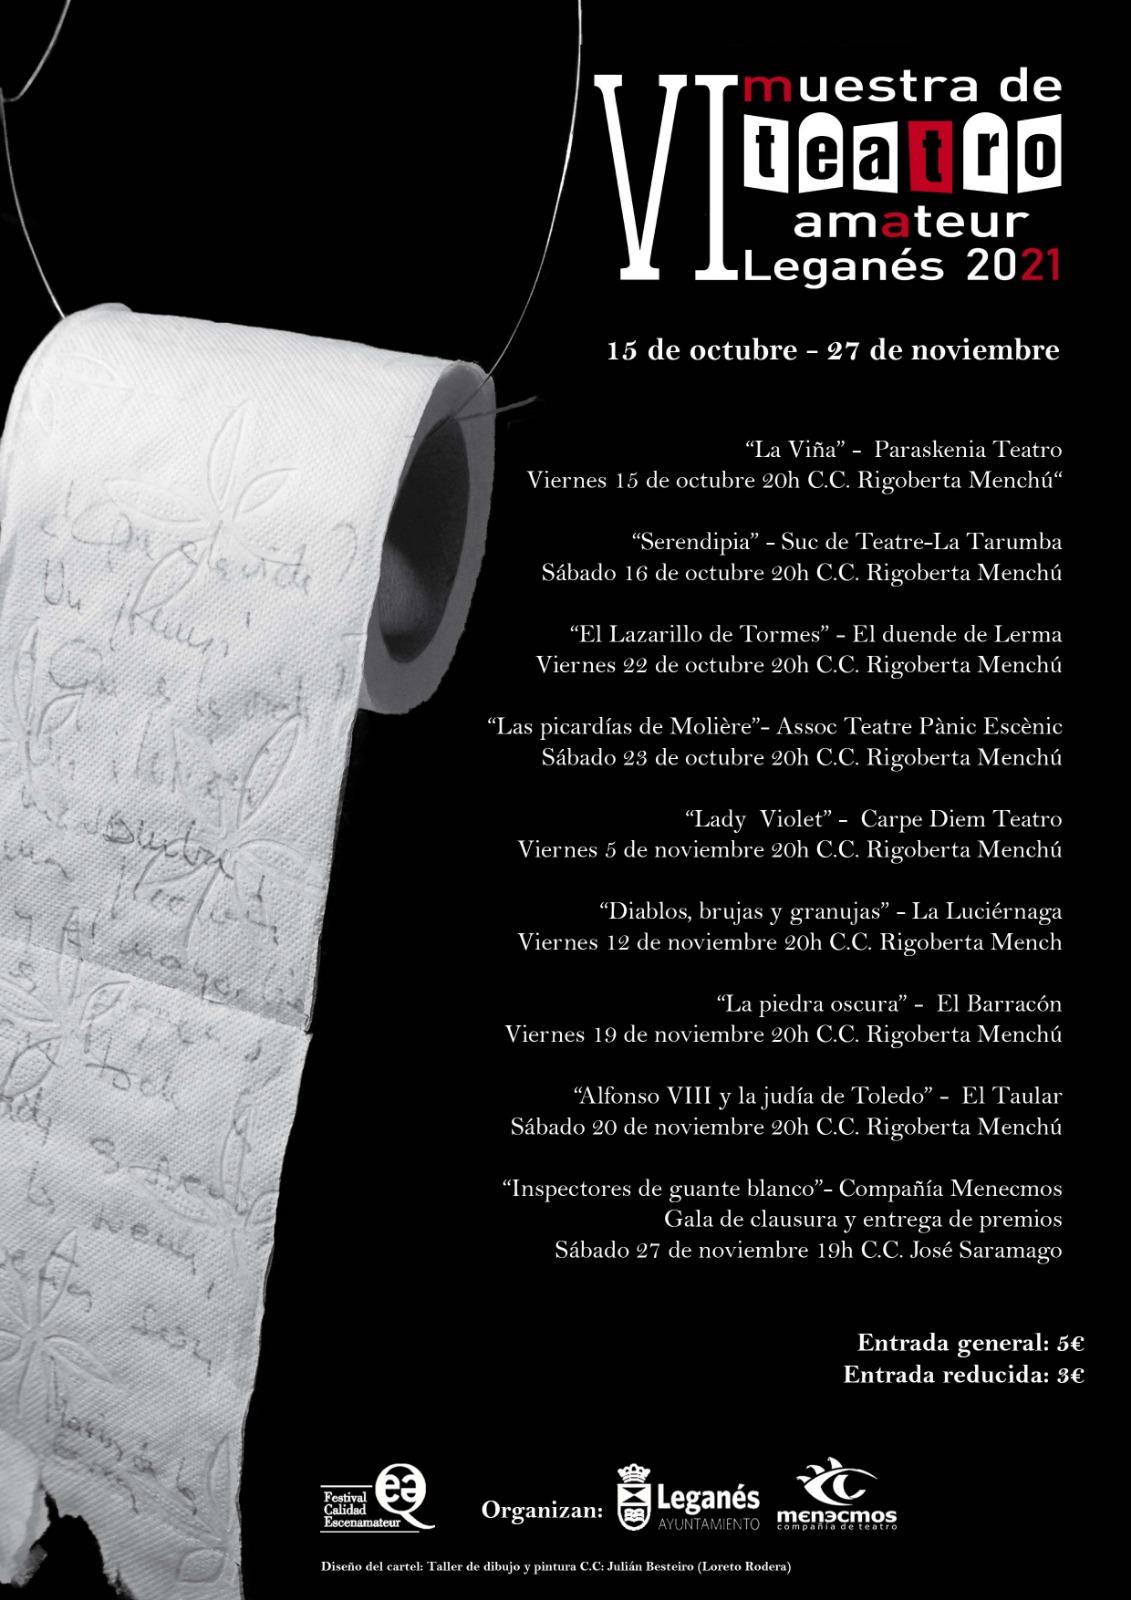 VI Muestra de teatro amateur de Leganés fechas de representación